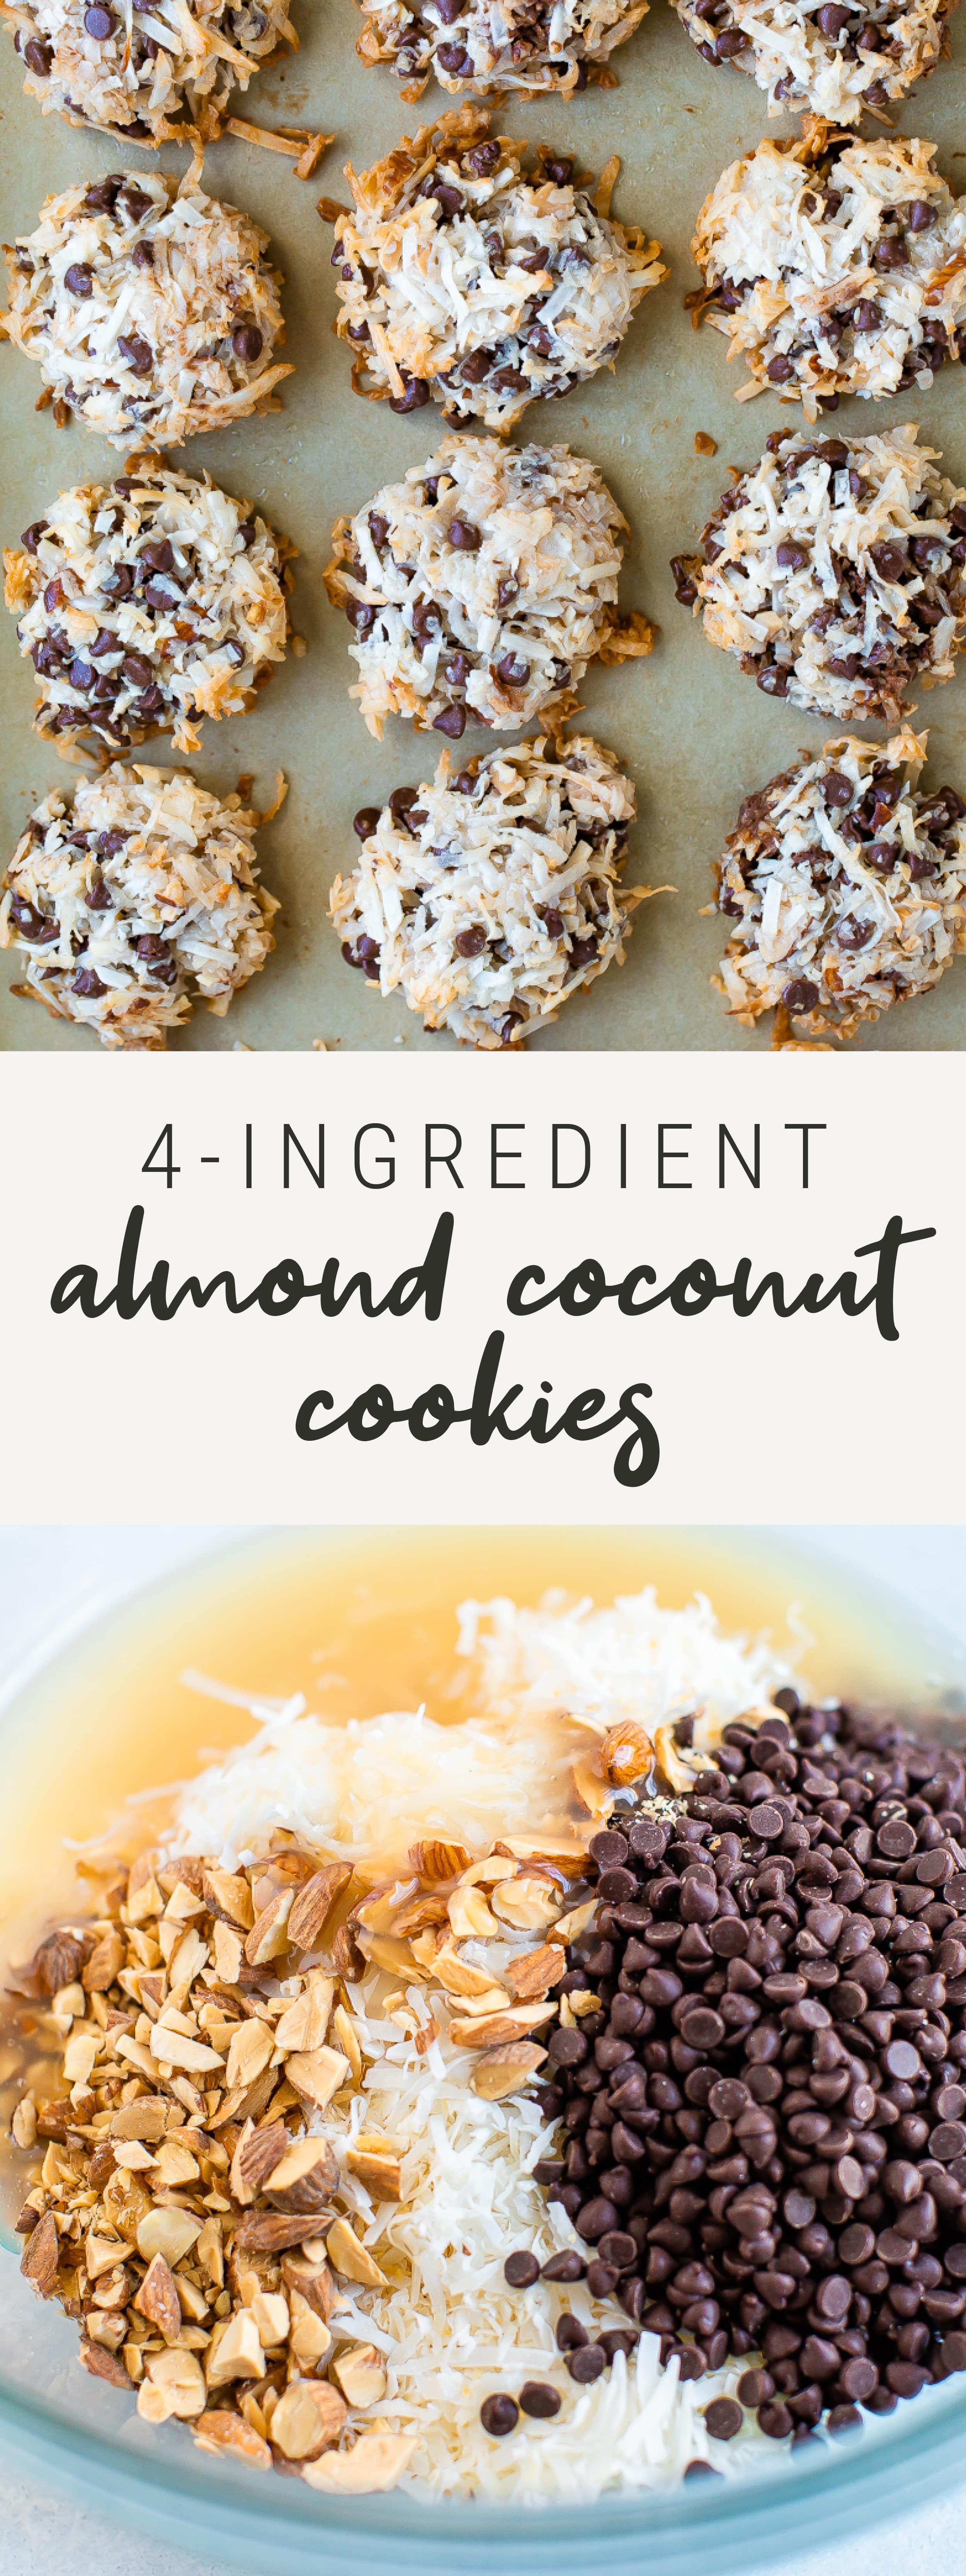 Easy Almond Coconut Cookies | Vegan + Gluten-Free